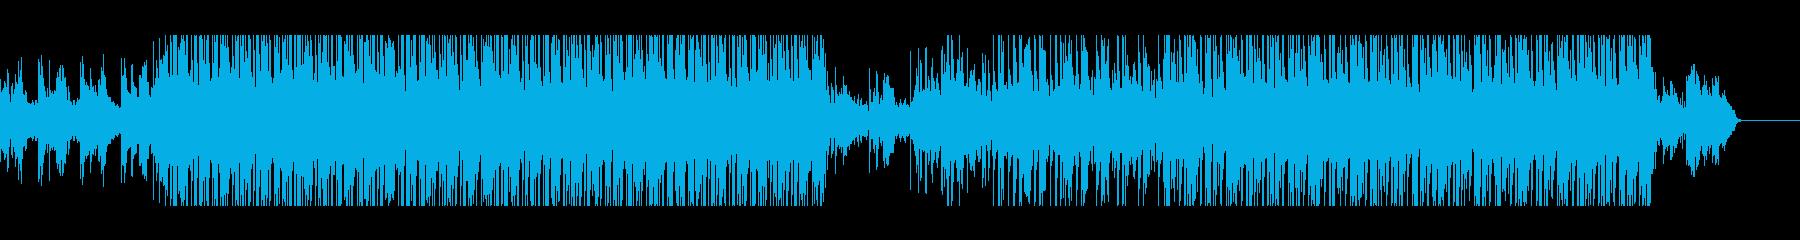 ダークシンセウェーブの再生済みの波形